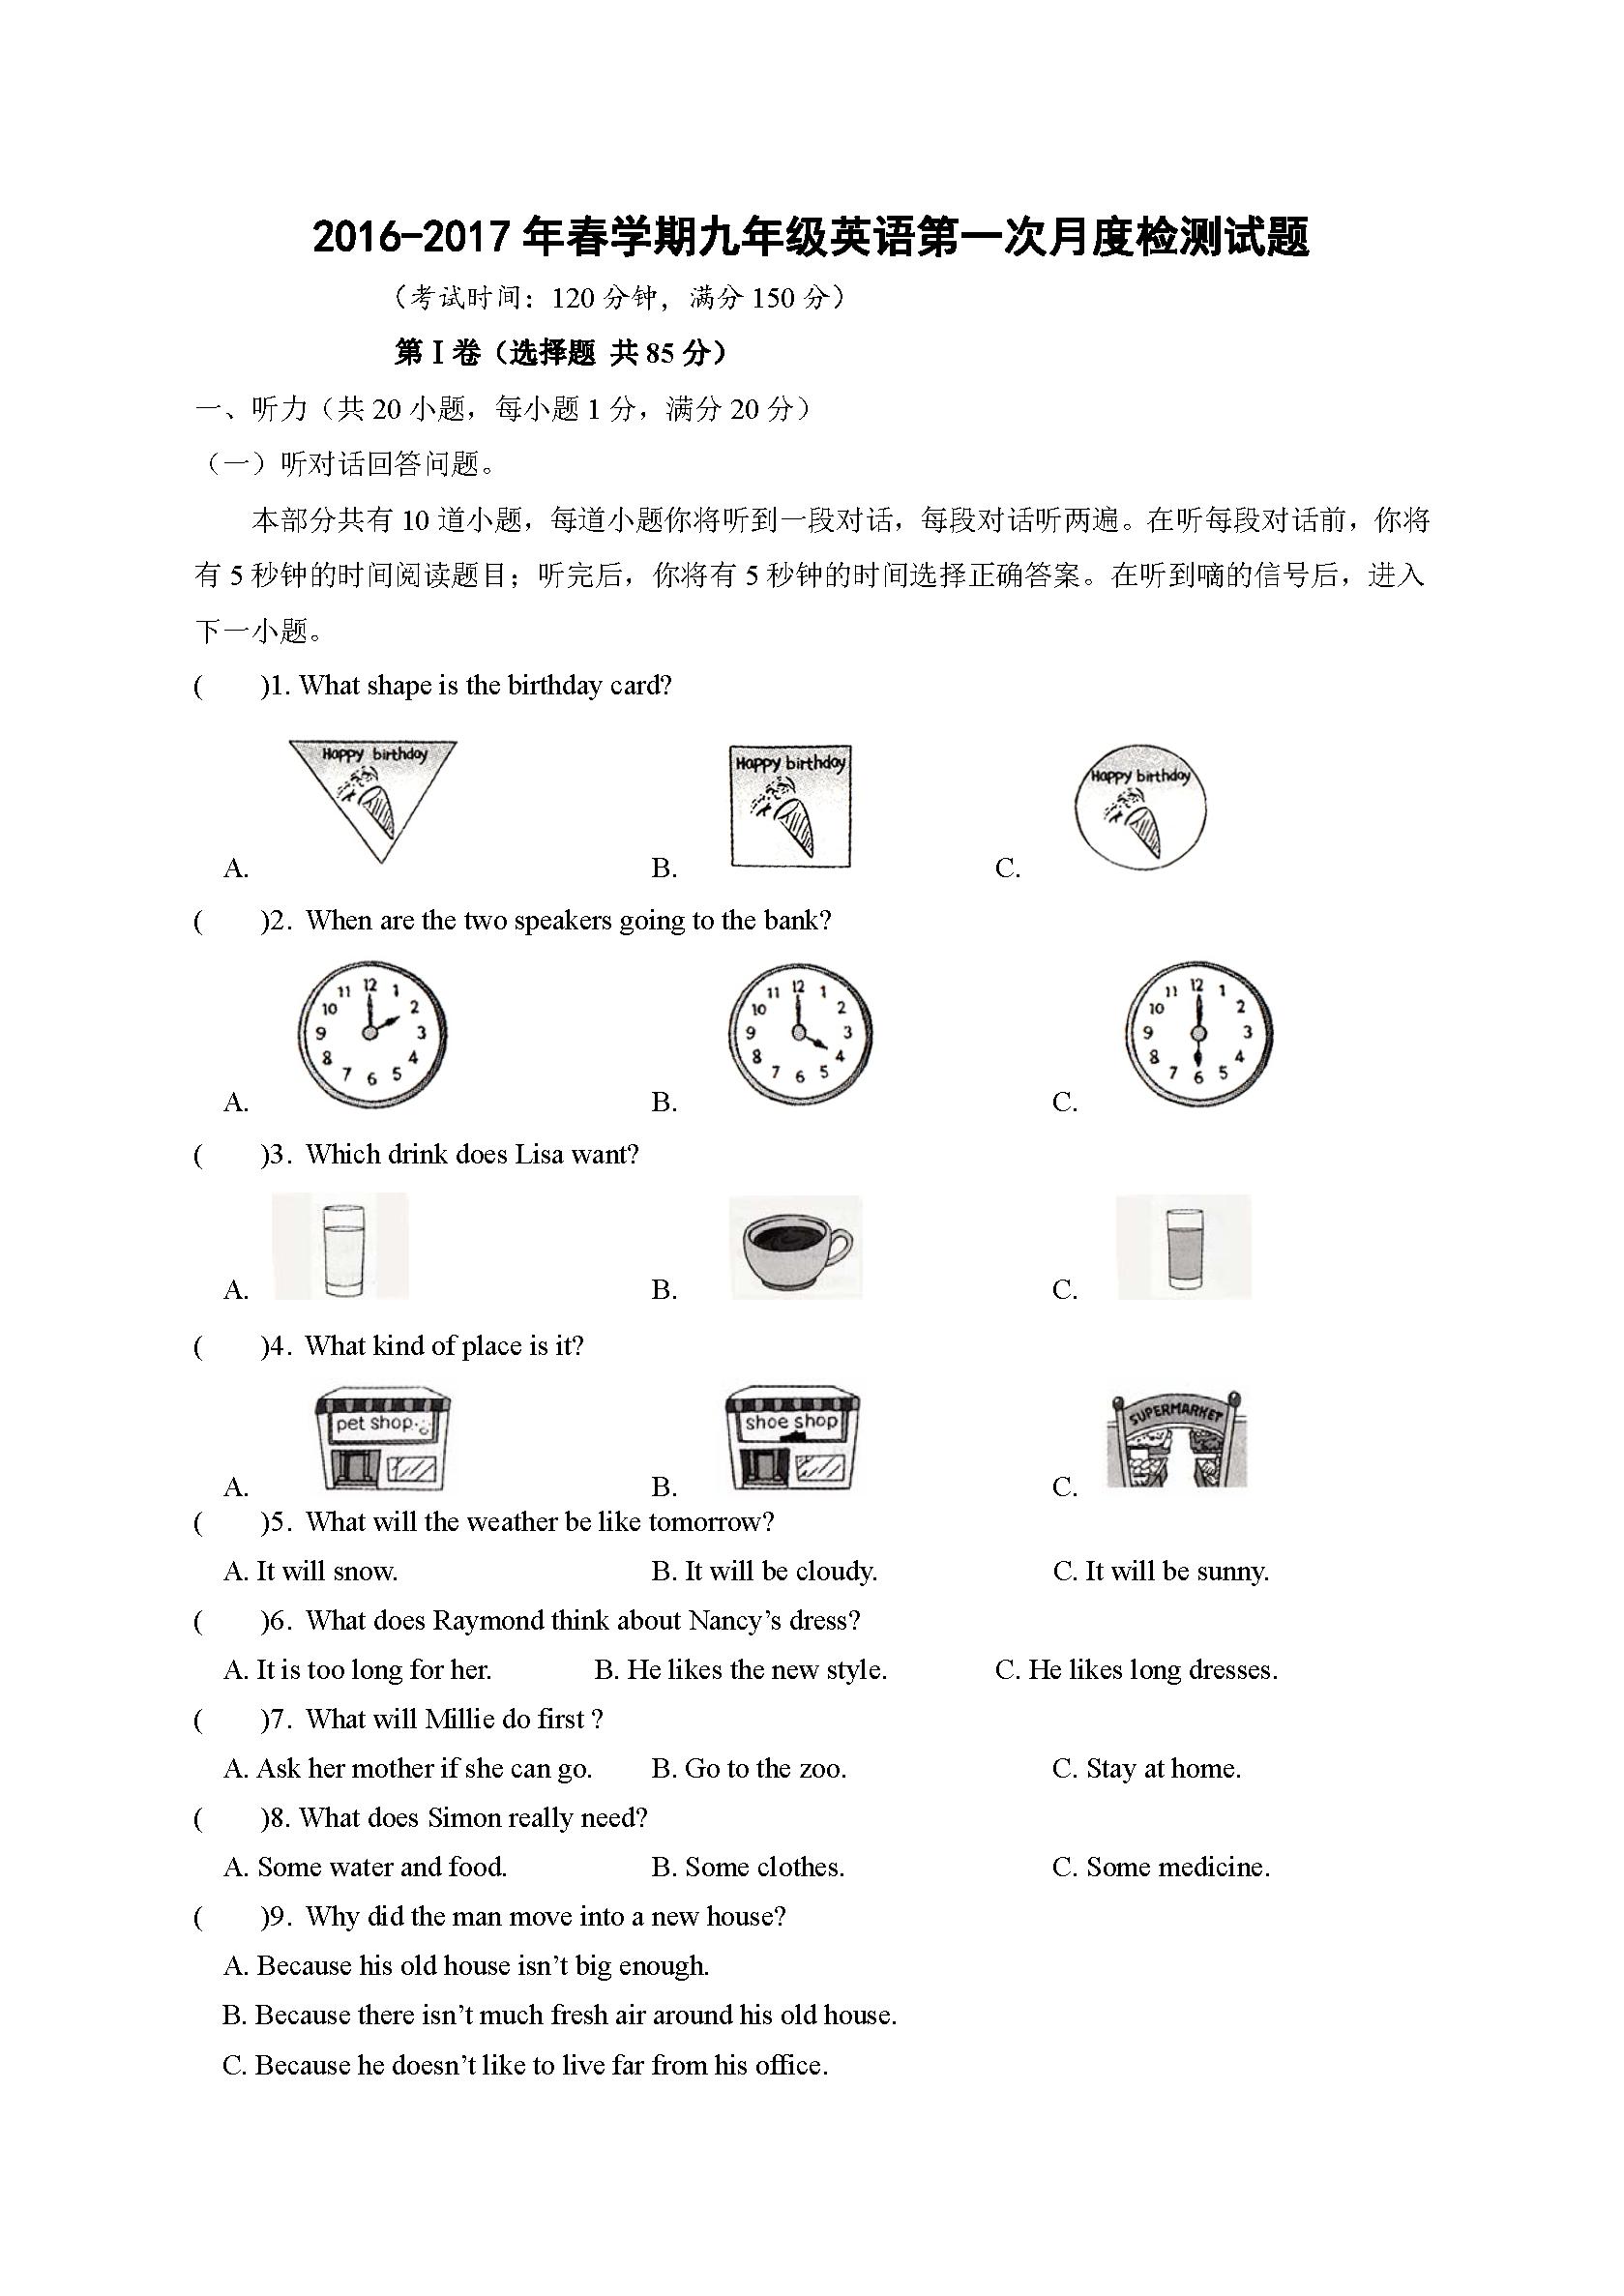 江苏泰州中学附属初级中学2017九年级下第一次月考英语试题(图片版)